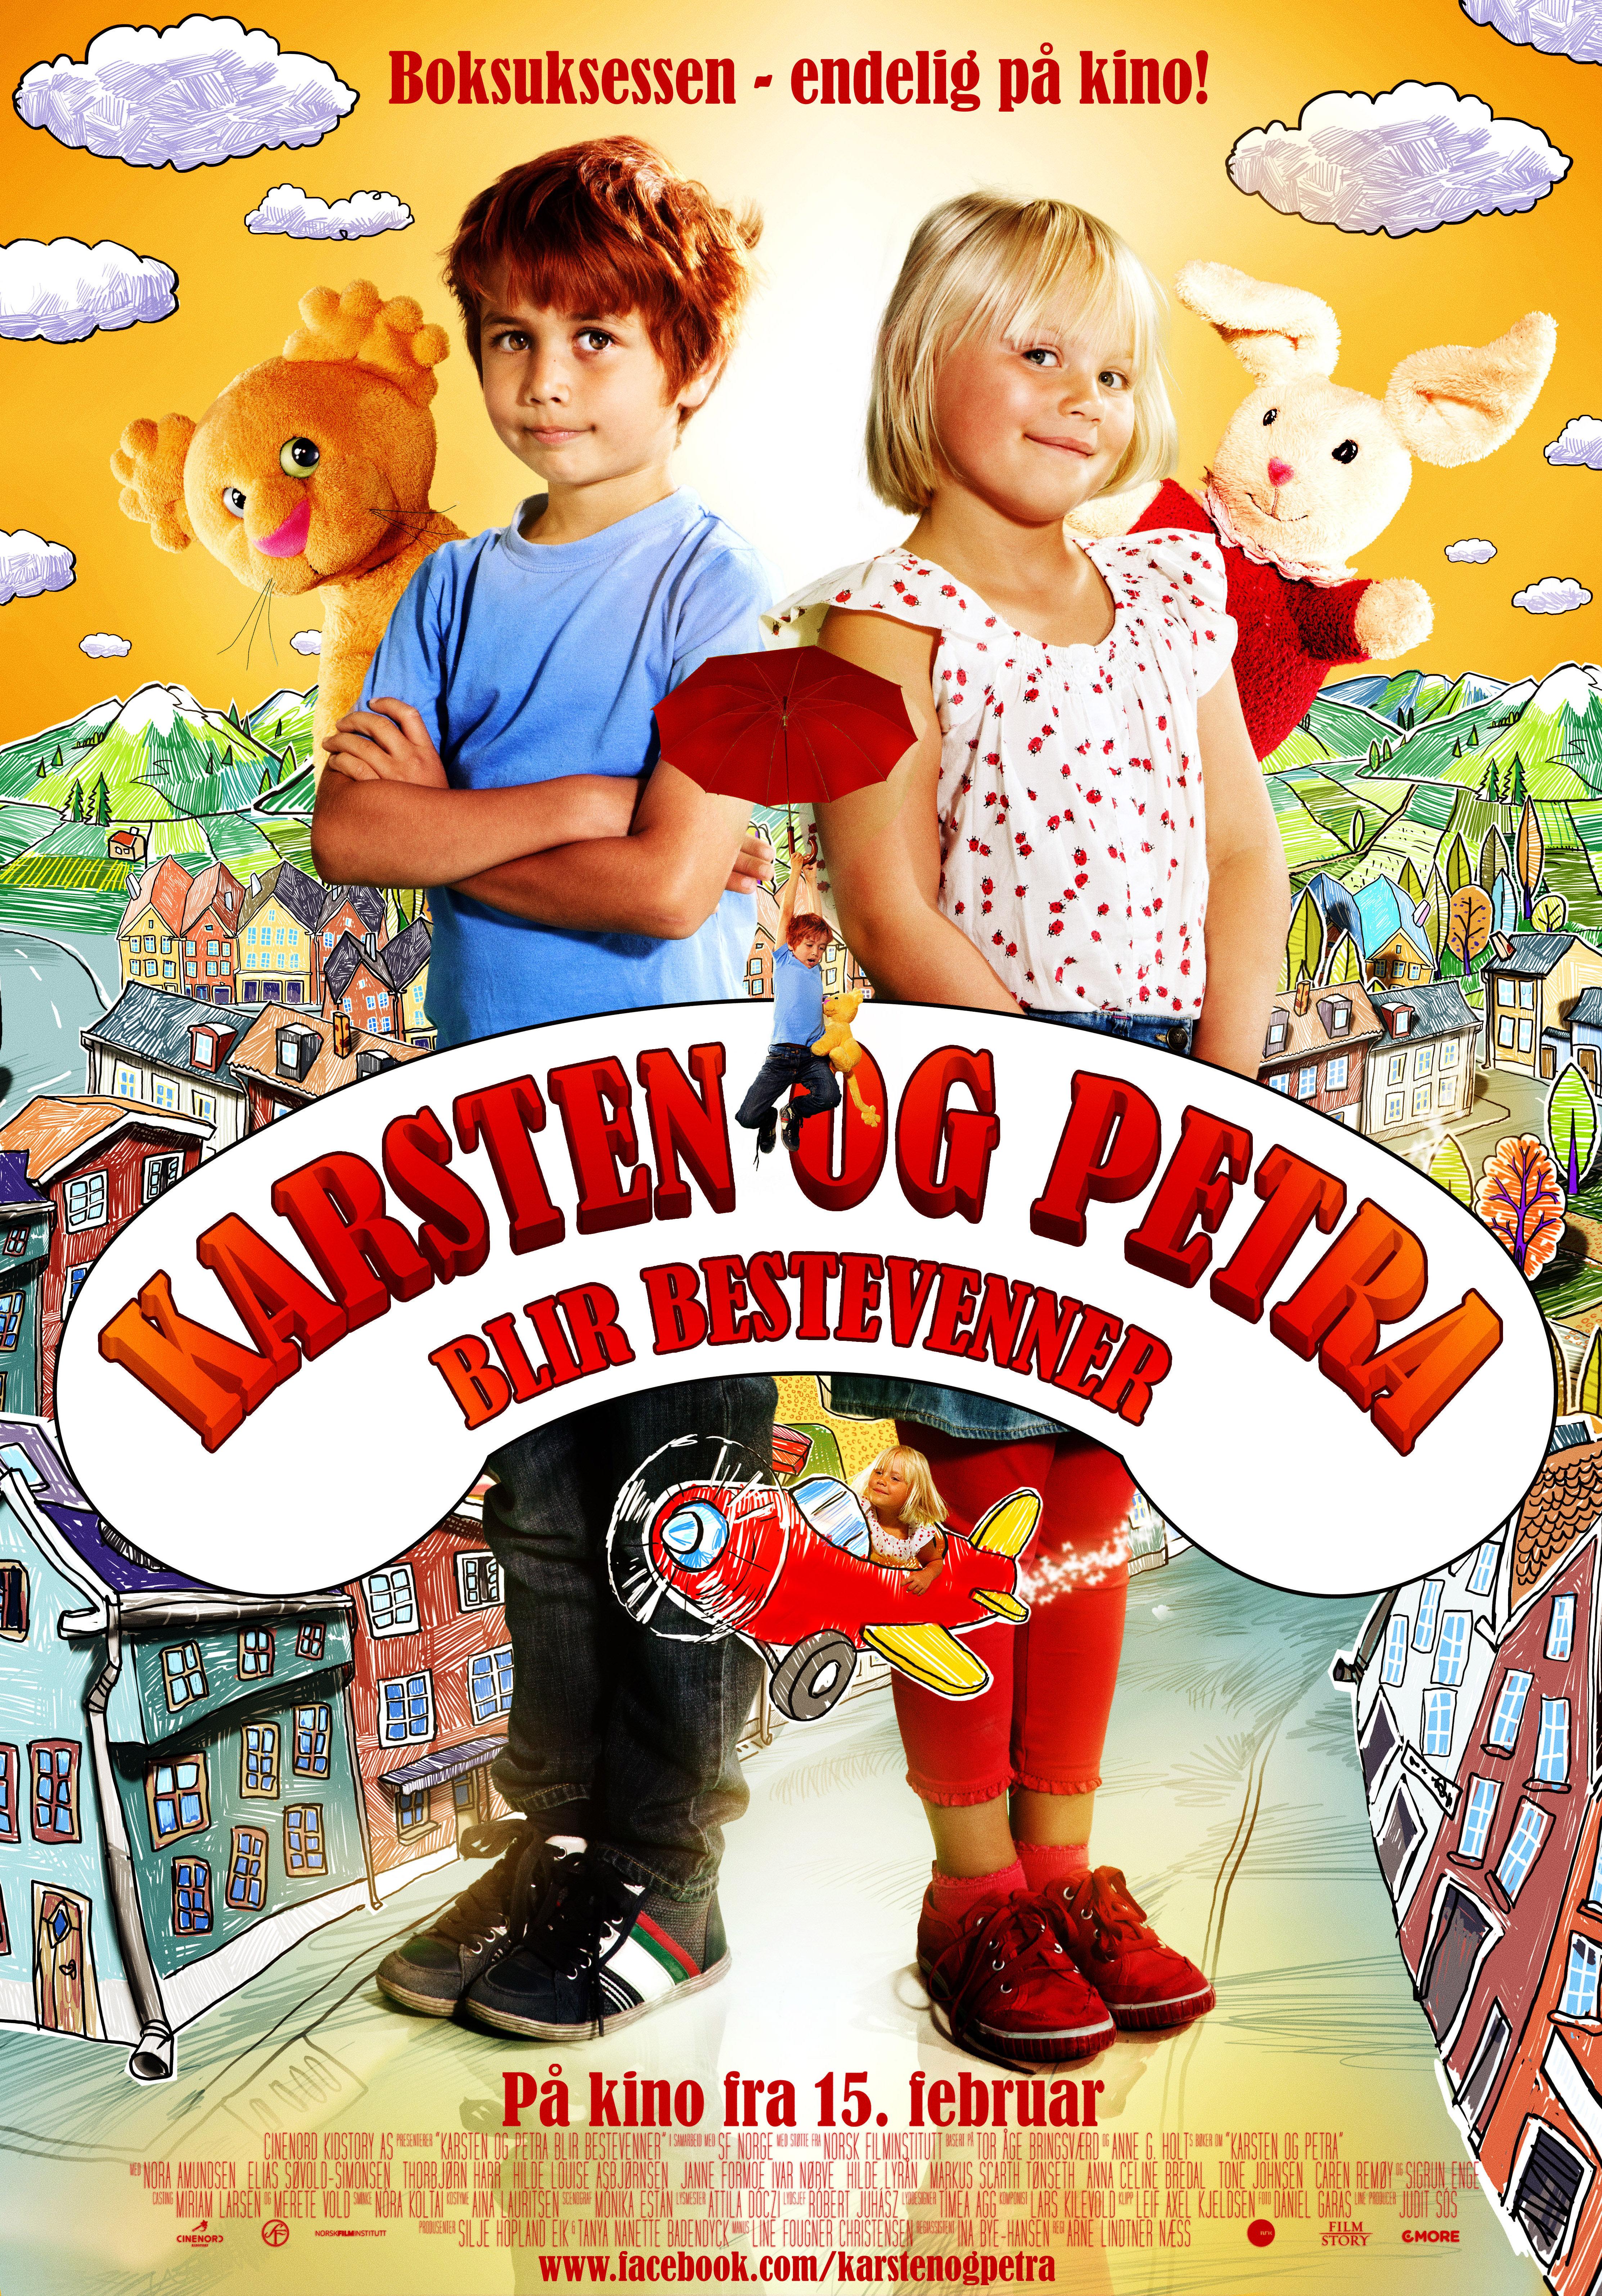 Karsten og Petra blir bestevenner (2013)